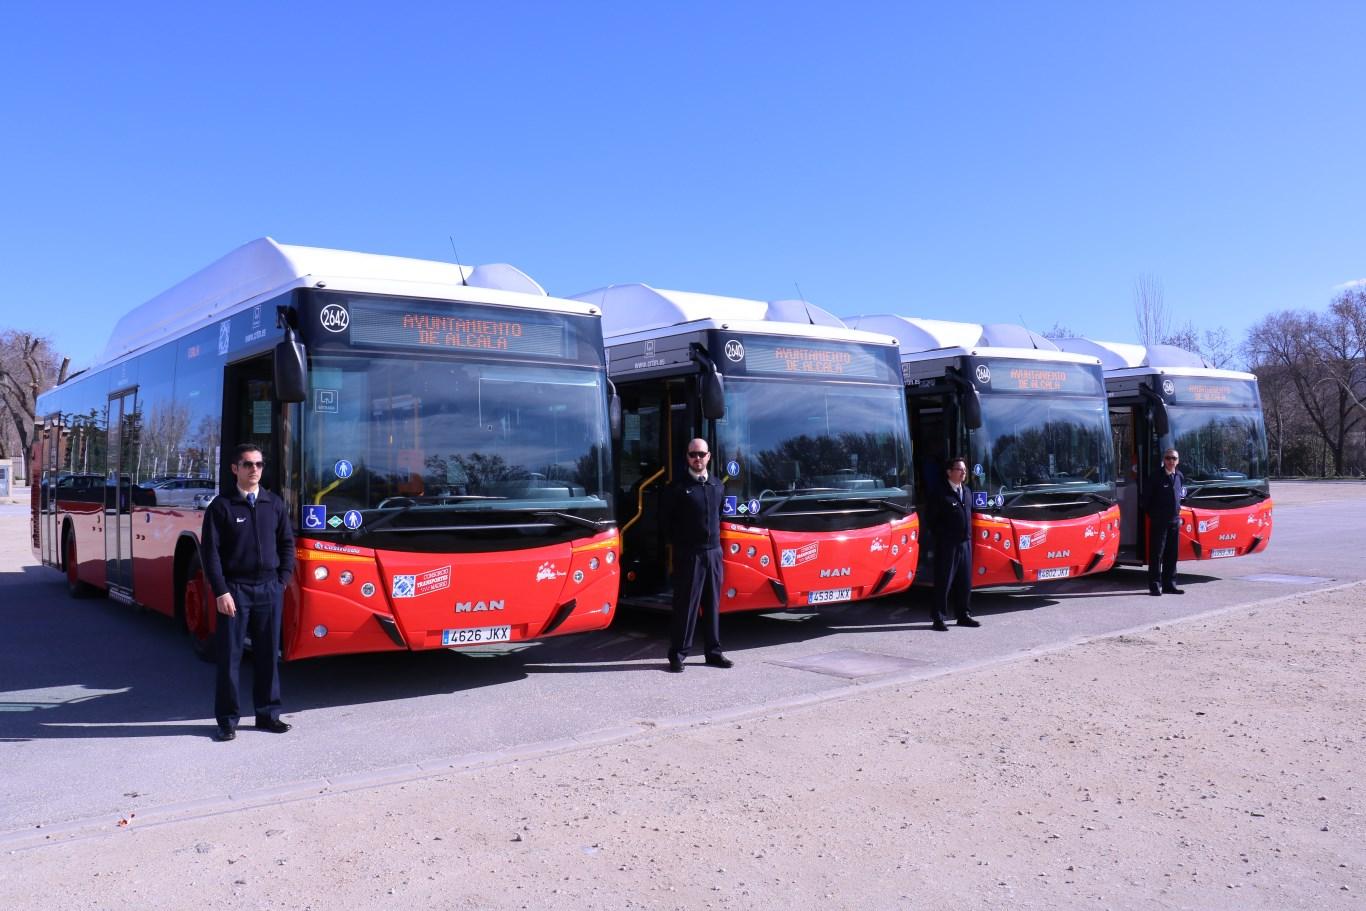 Nuevos autobuses urbanos para alcal de henares dream for Autobuses alcala de henares